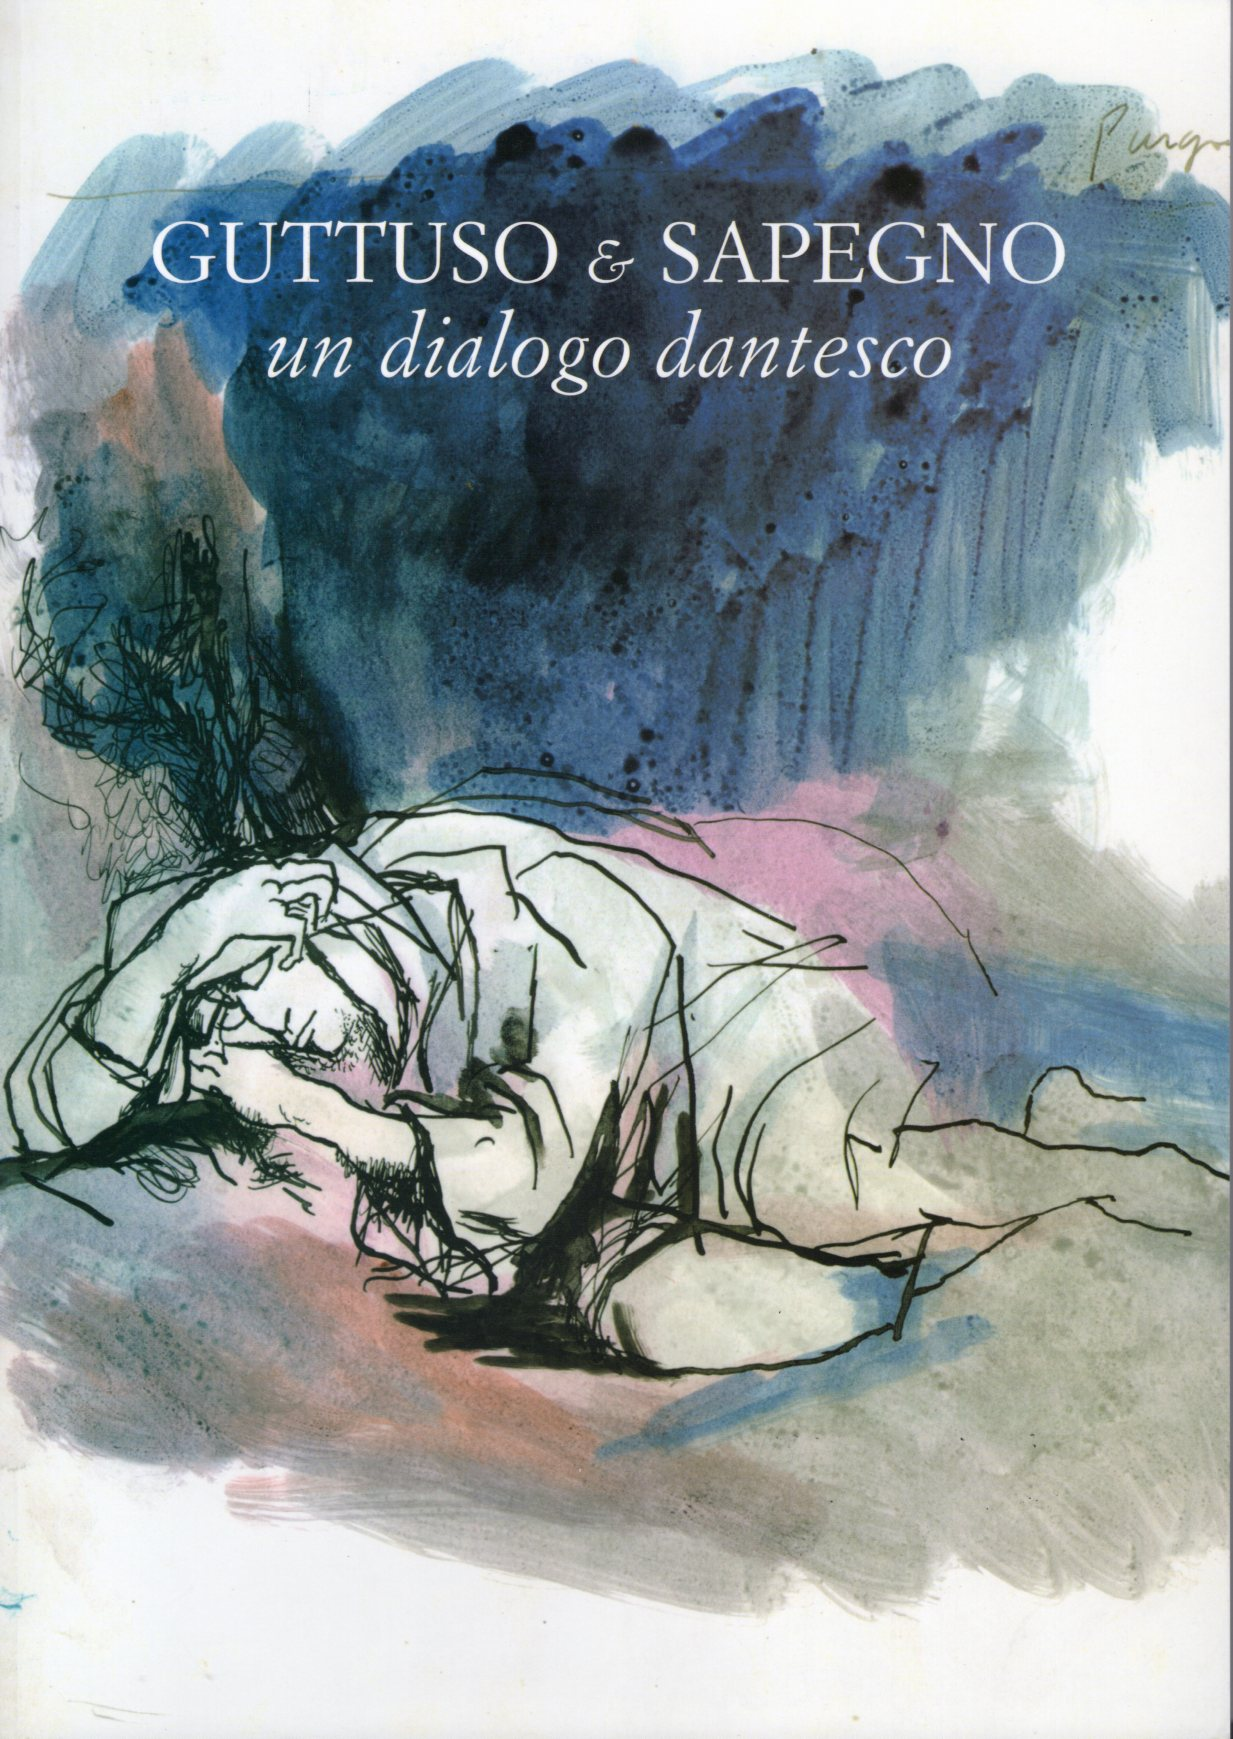 10 Guttuso e Sapegno un dialogo dantesco. Fondazione Natalino Sapegno, Morgex 2015; Biblioteca Nazionale Universitaria, Torino 2015